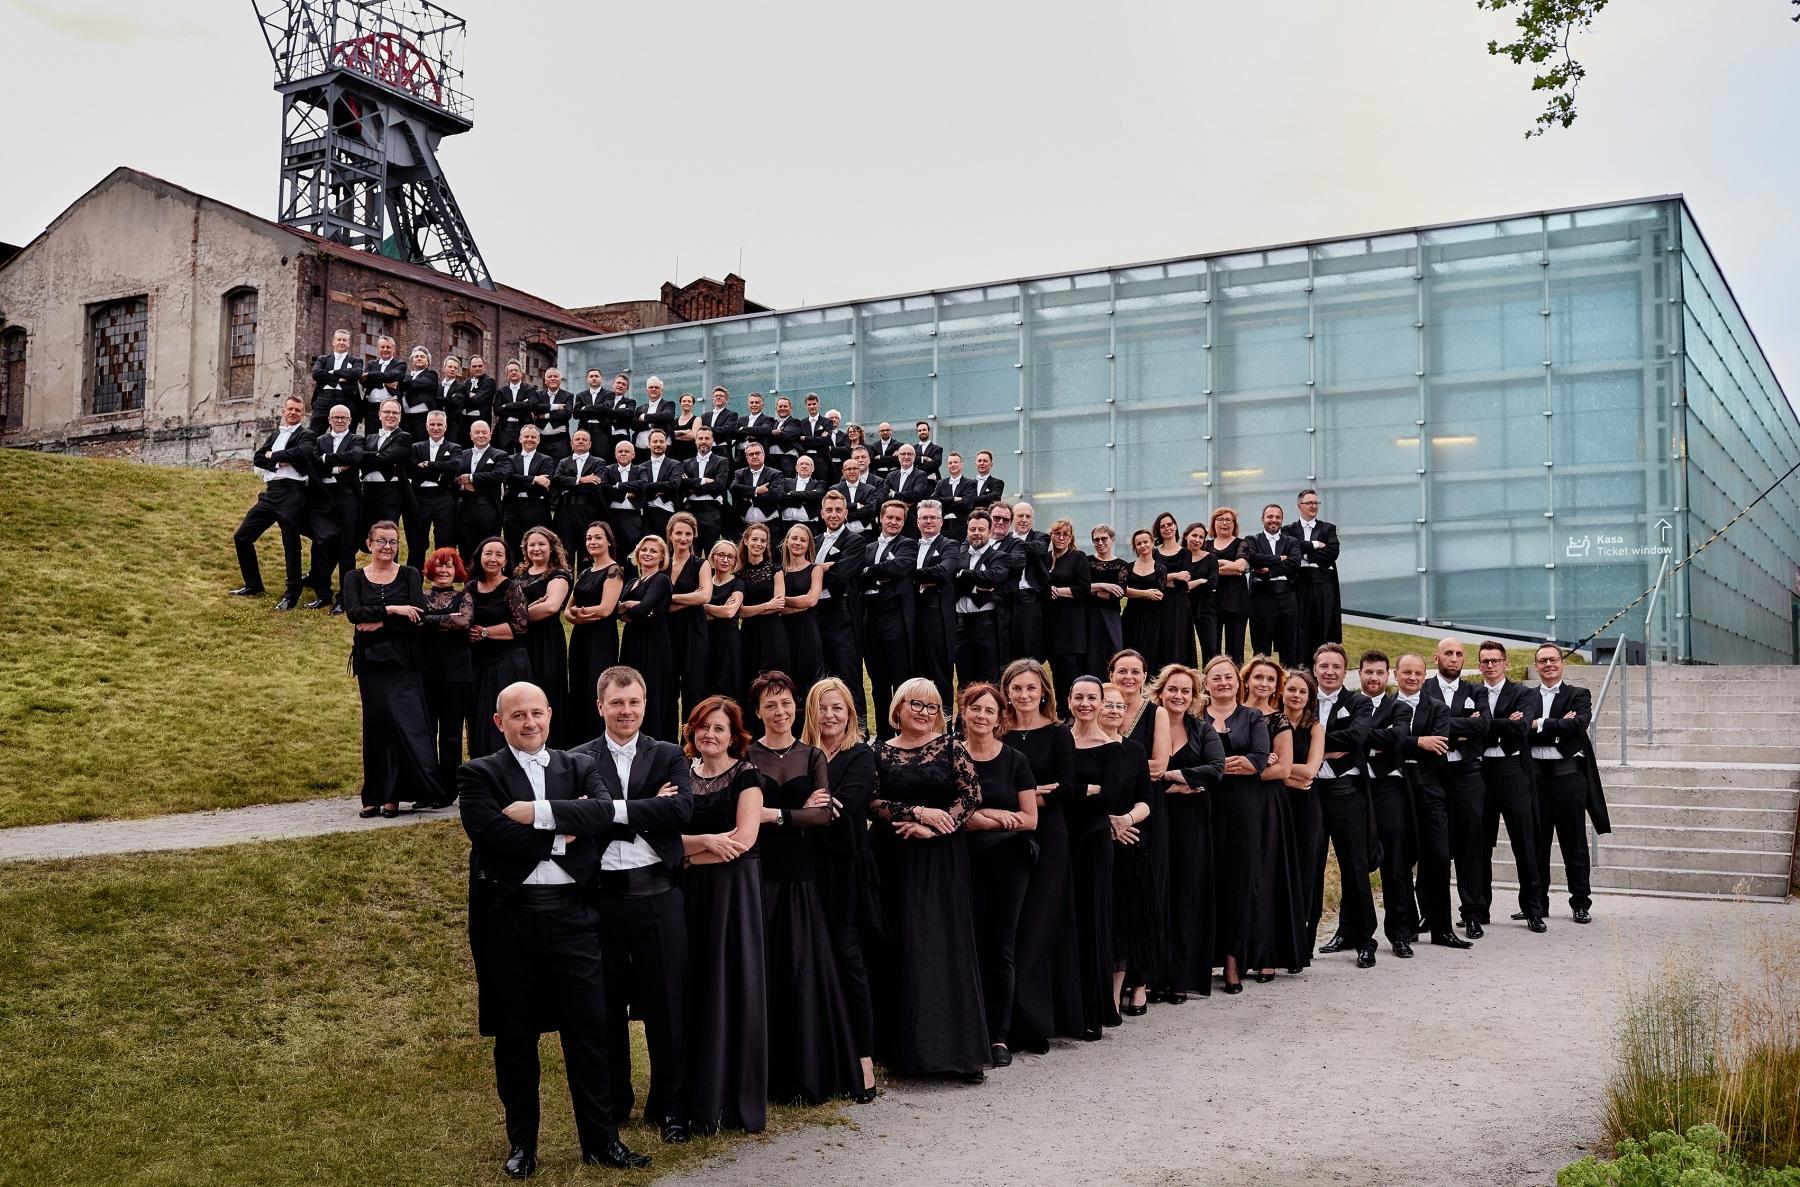 Orkiestra Symfoniczna Filharmonii Śląskiej im. K. Fatyga